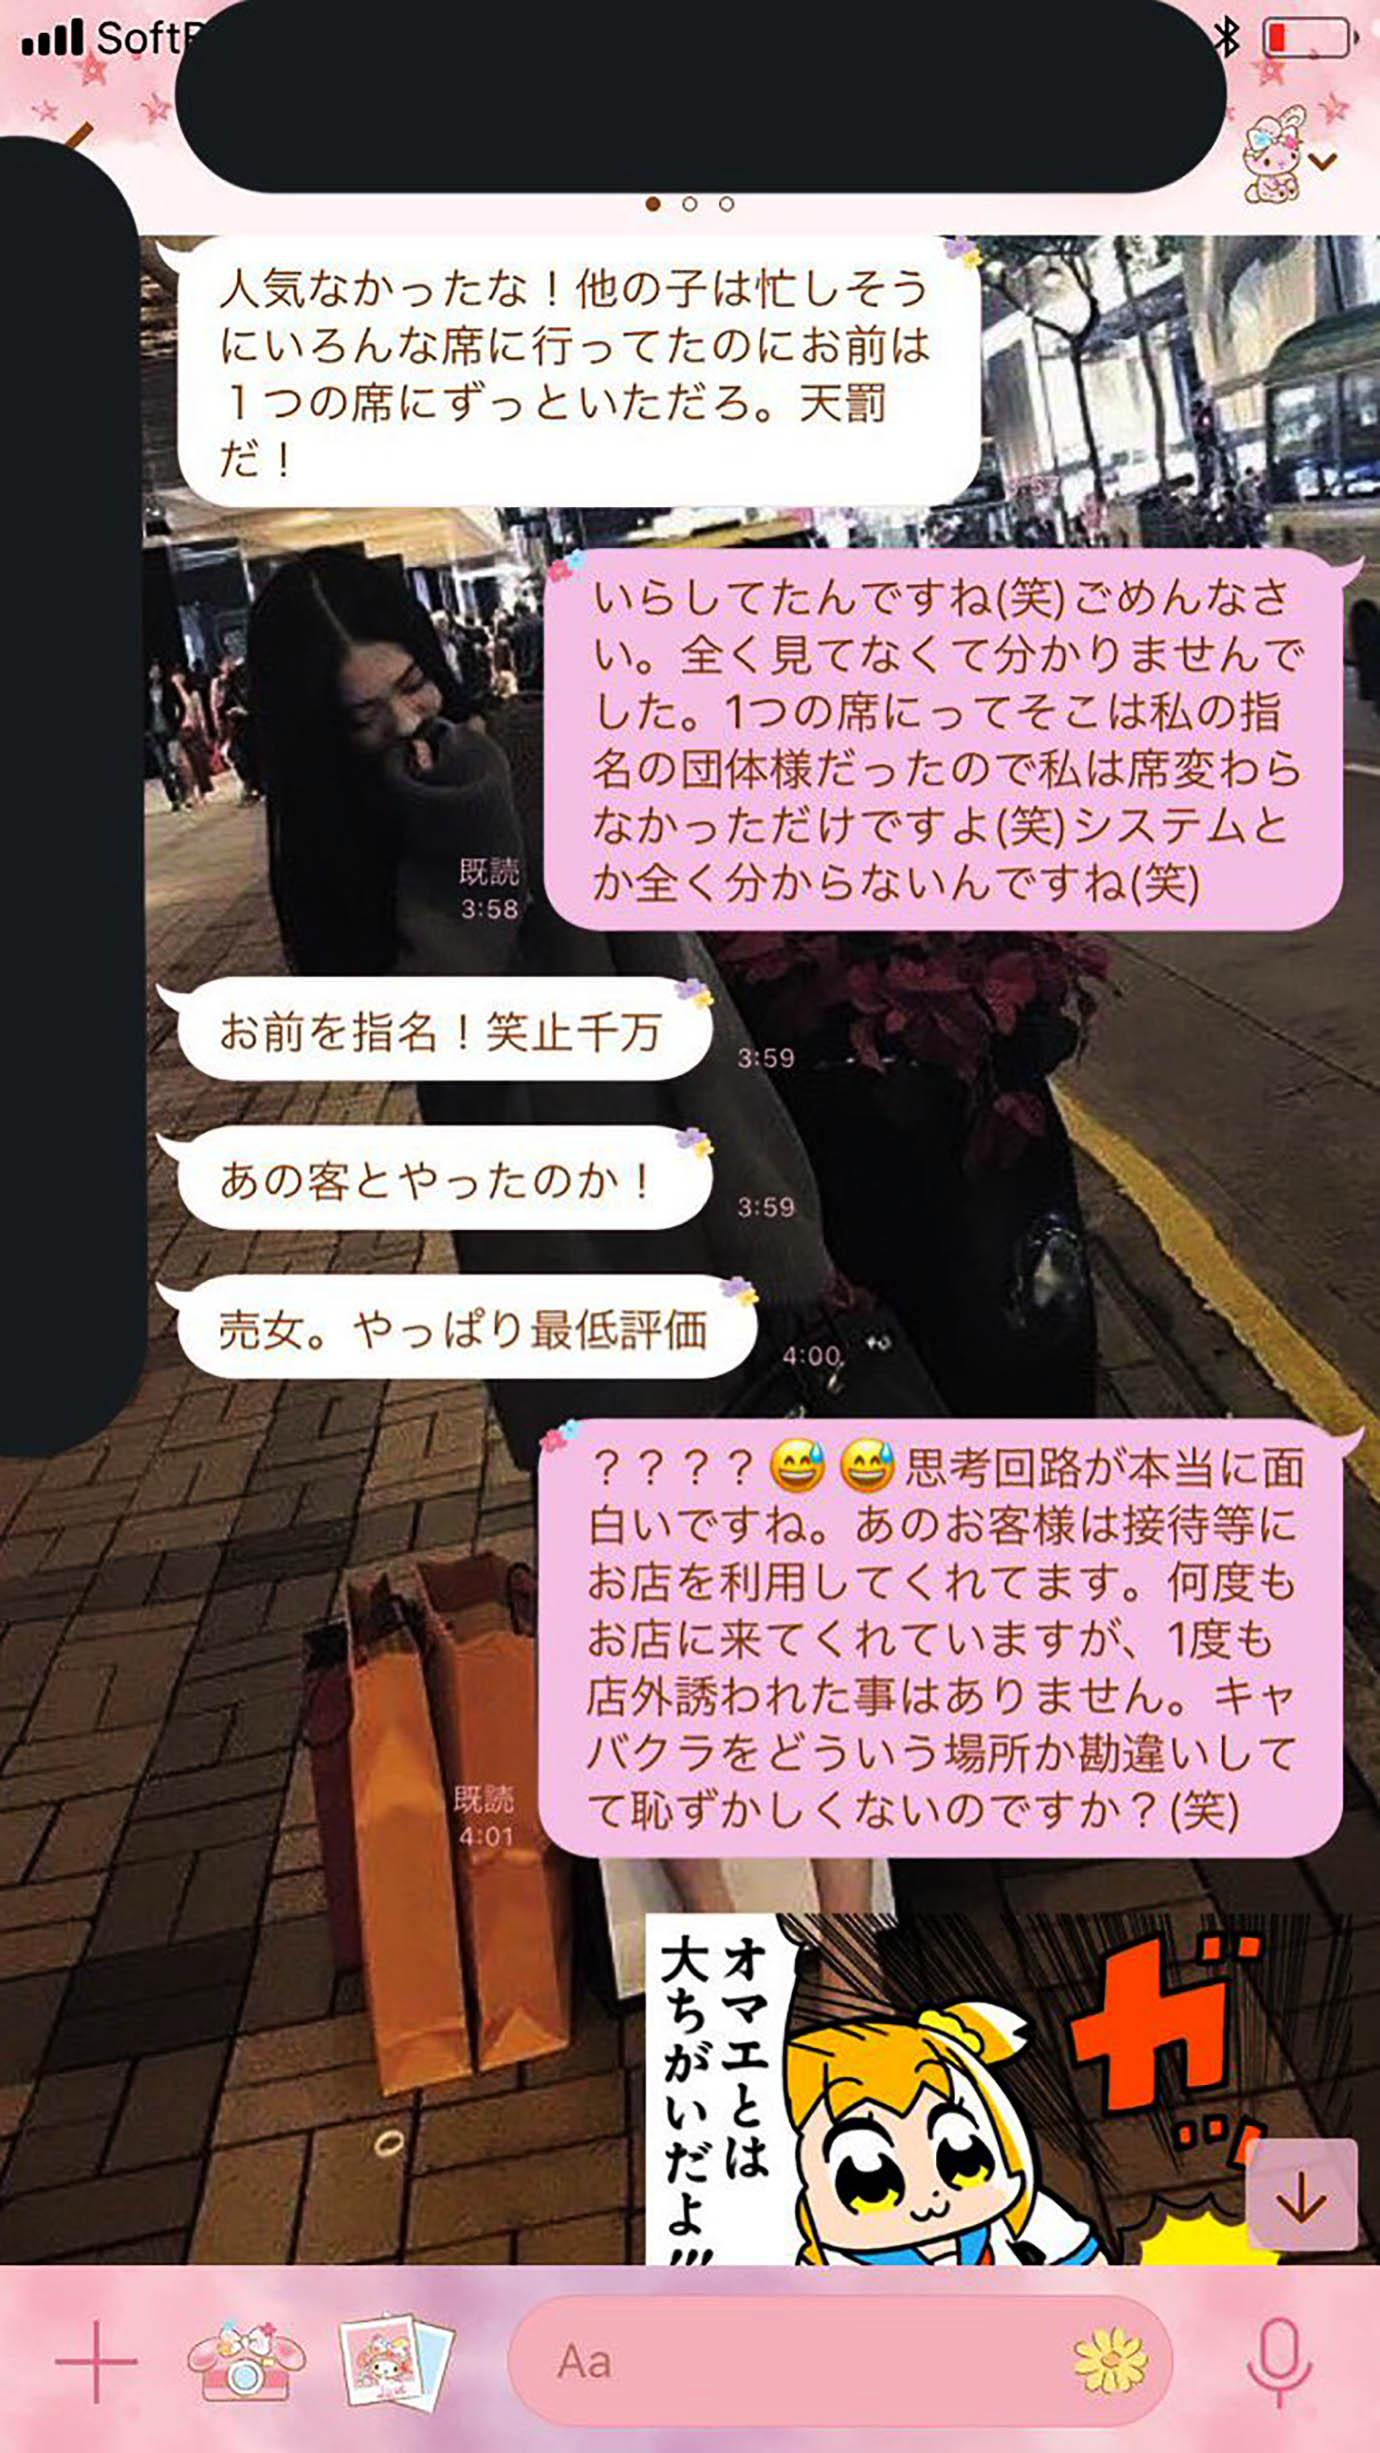 【画像】クソ客からのLINEにキャバ嬢がブチギレ 客との会話を公開